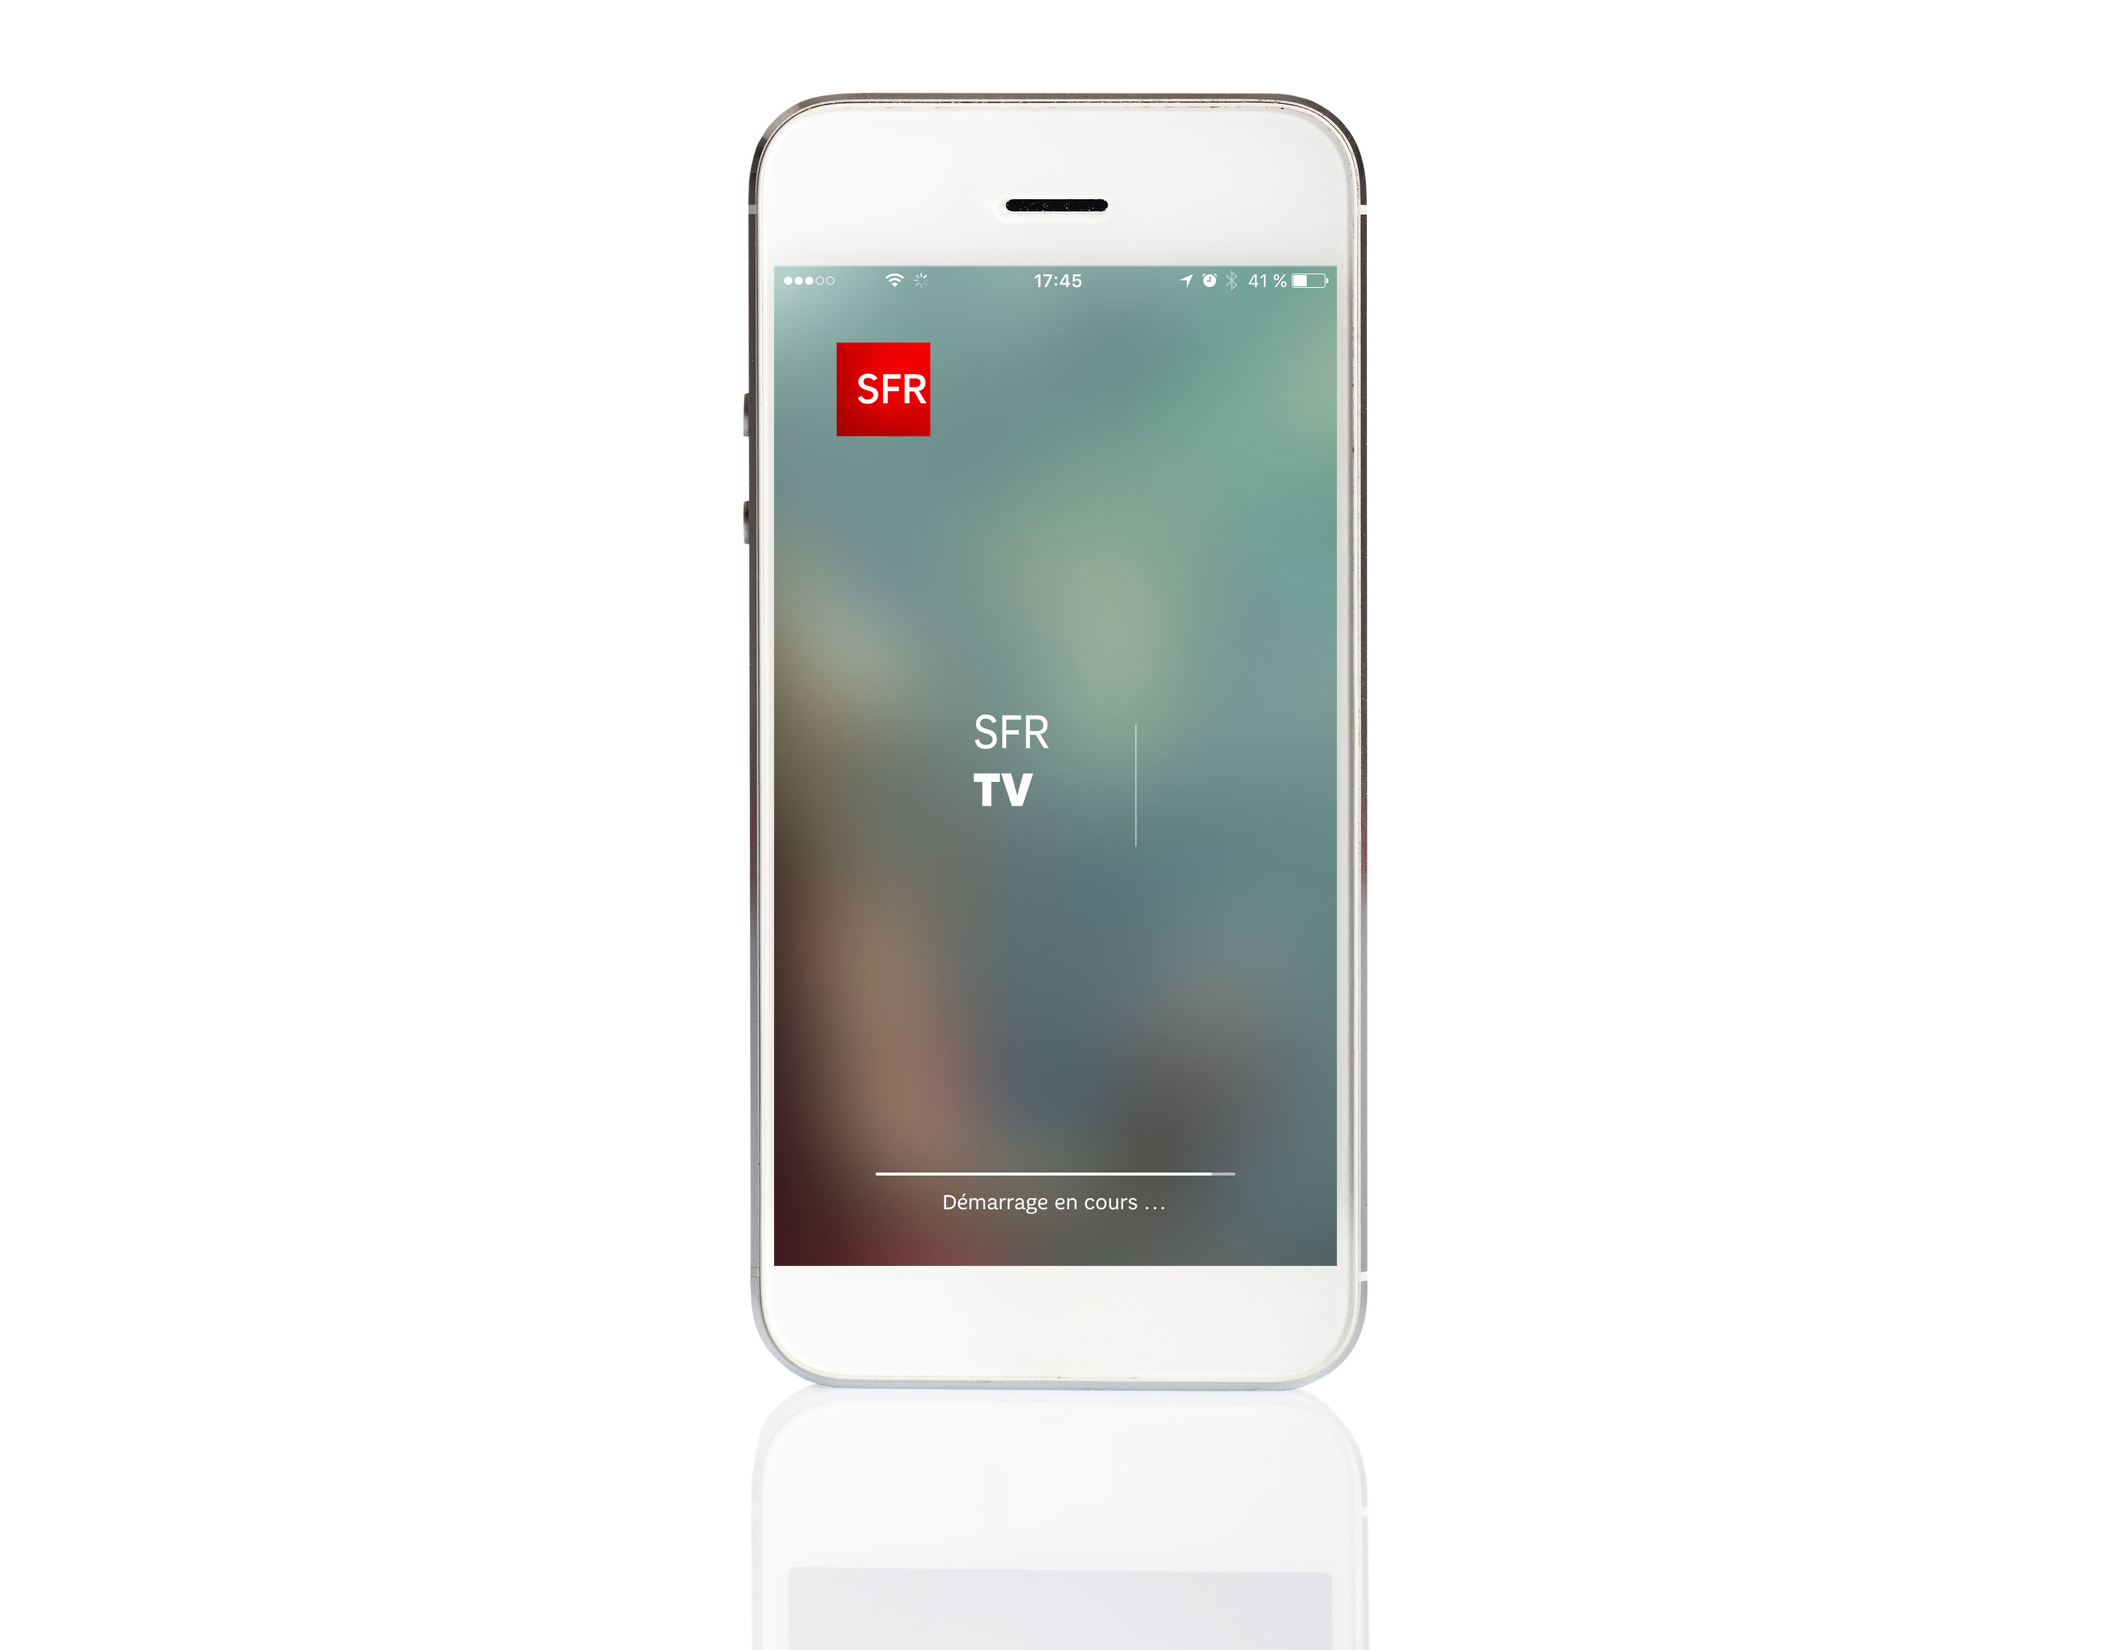 Distance Pour Regarder La Tv comment profiter à fond de l'appli sfr tv - sfr news